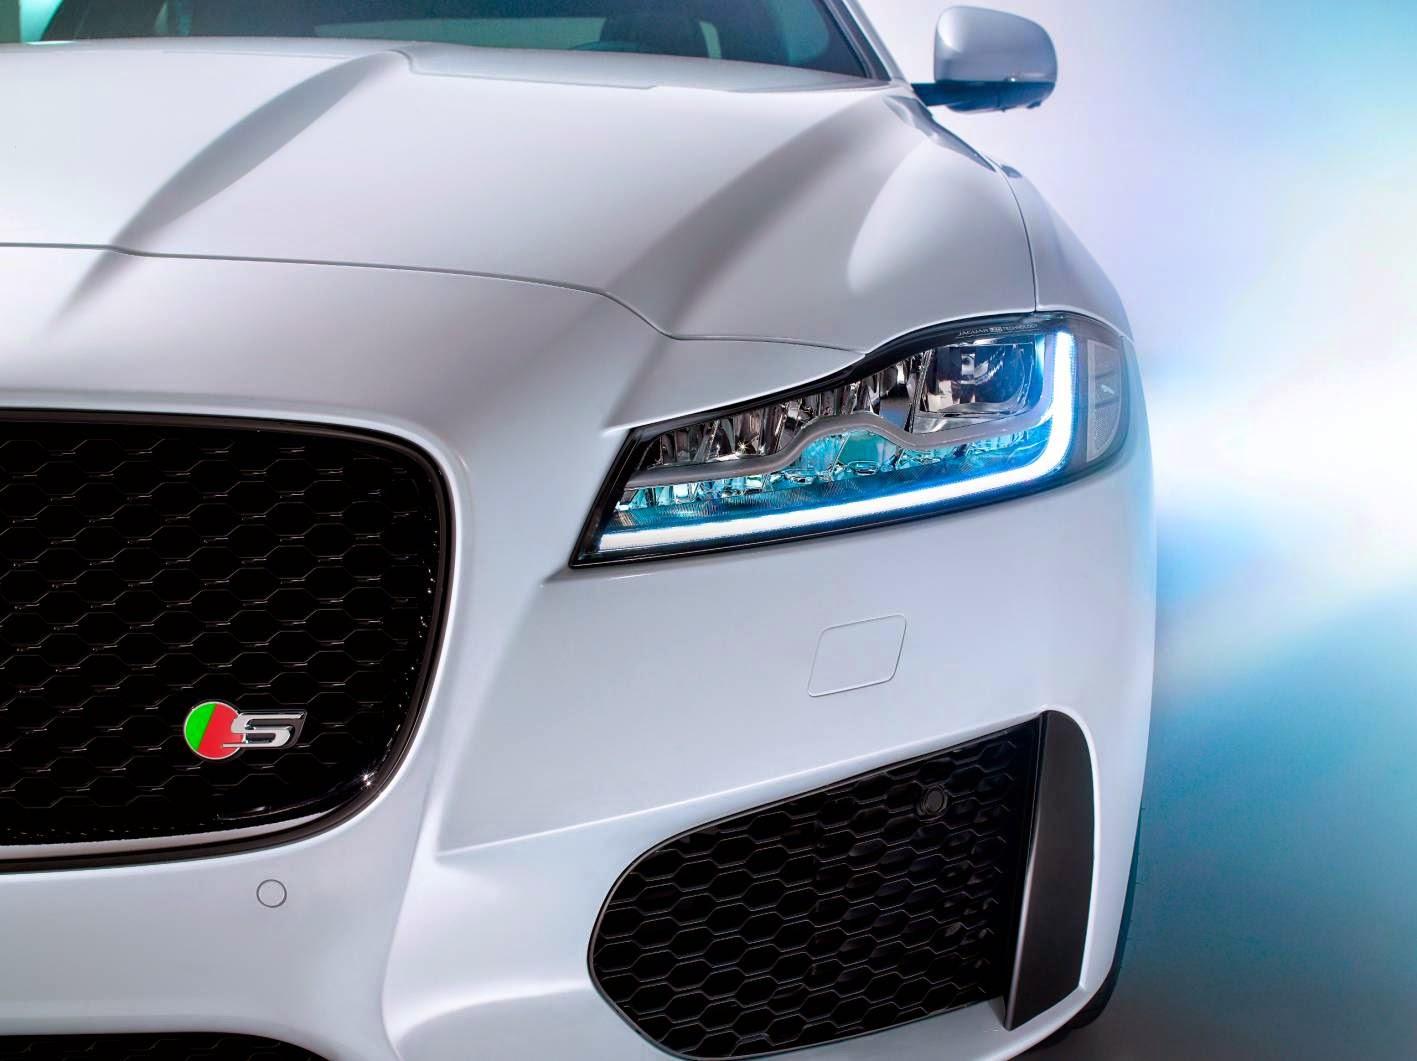 New Jaguar XF close up front